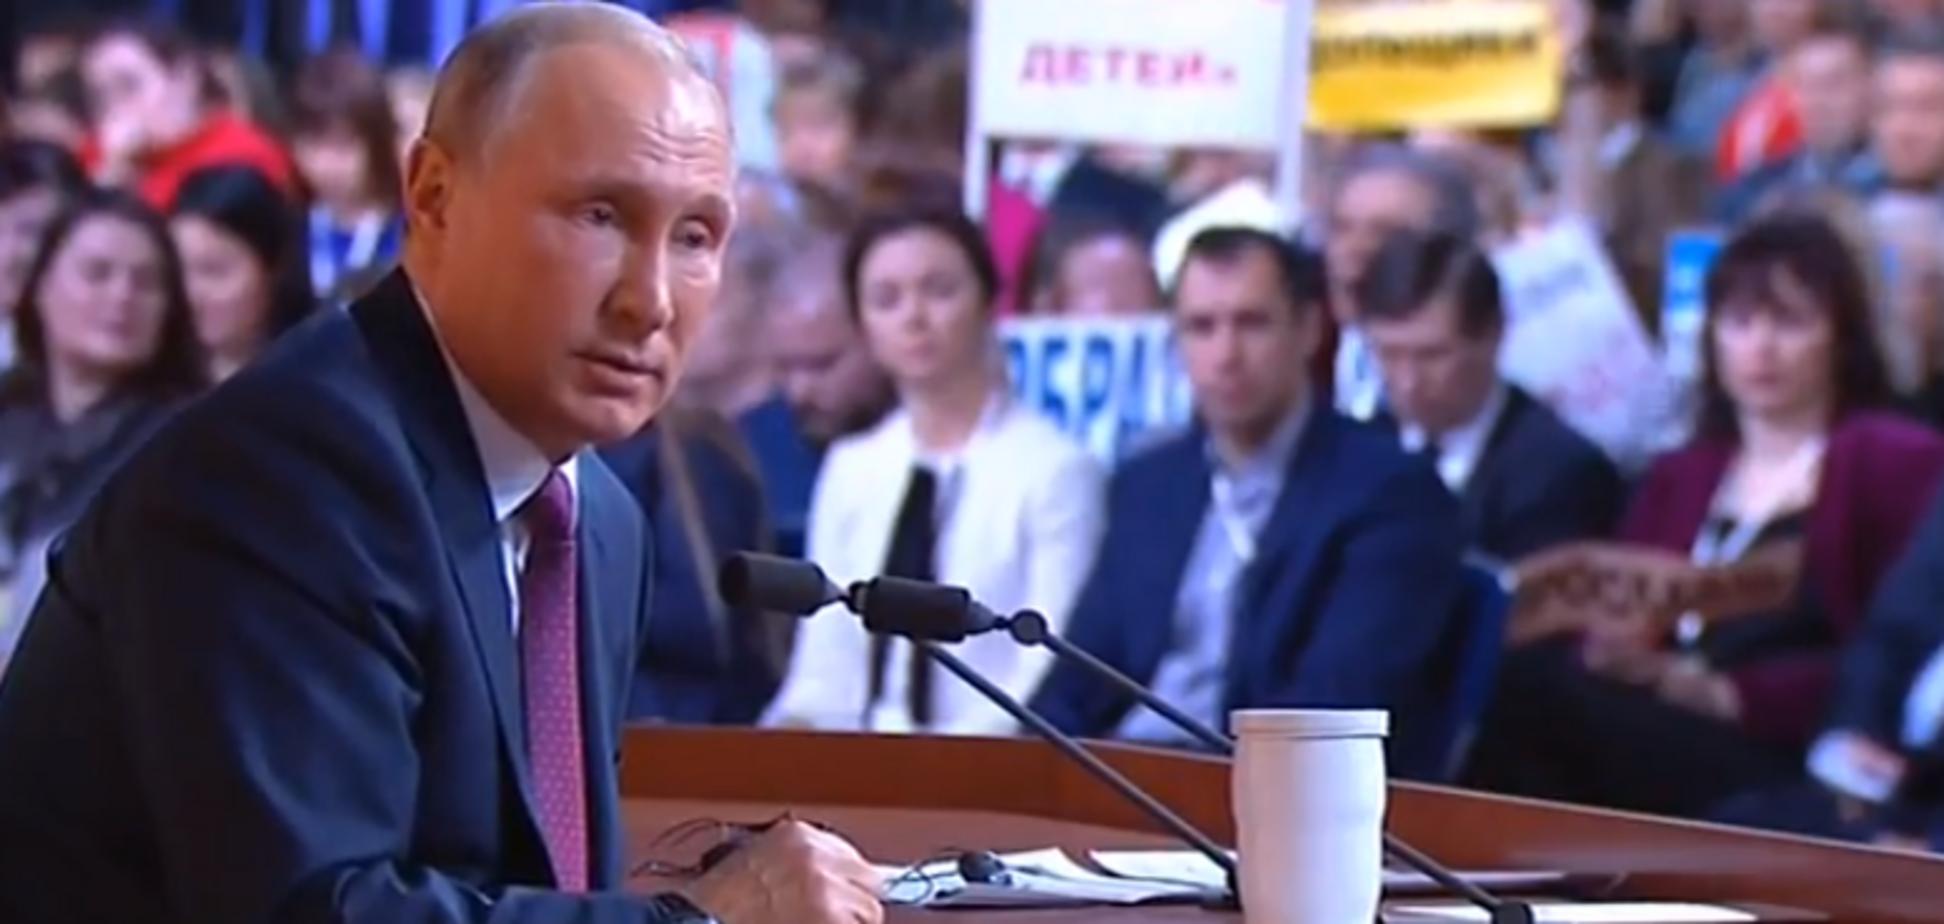 Путин объяснил гонку вооружений в России, рассказав 'бородатый' анекдот